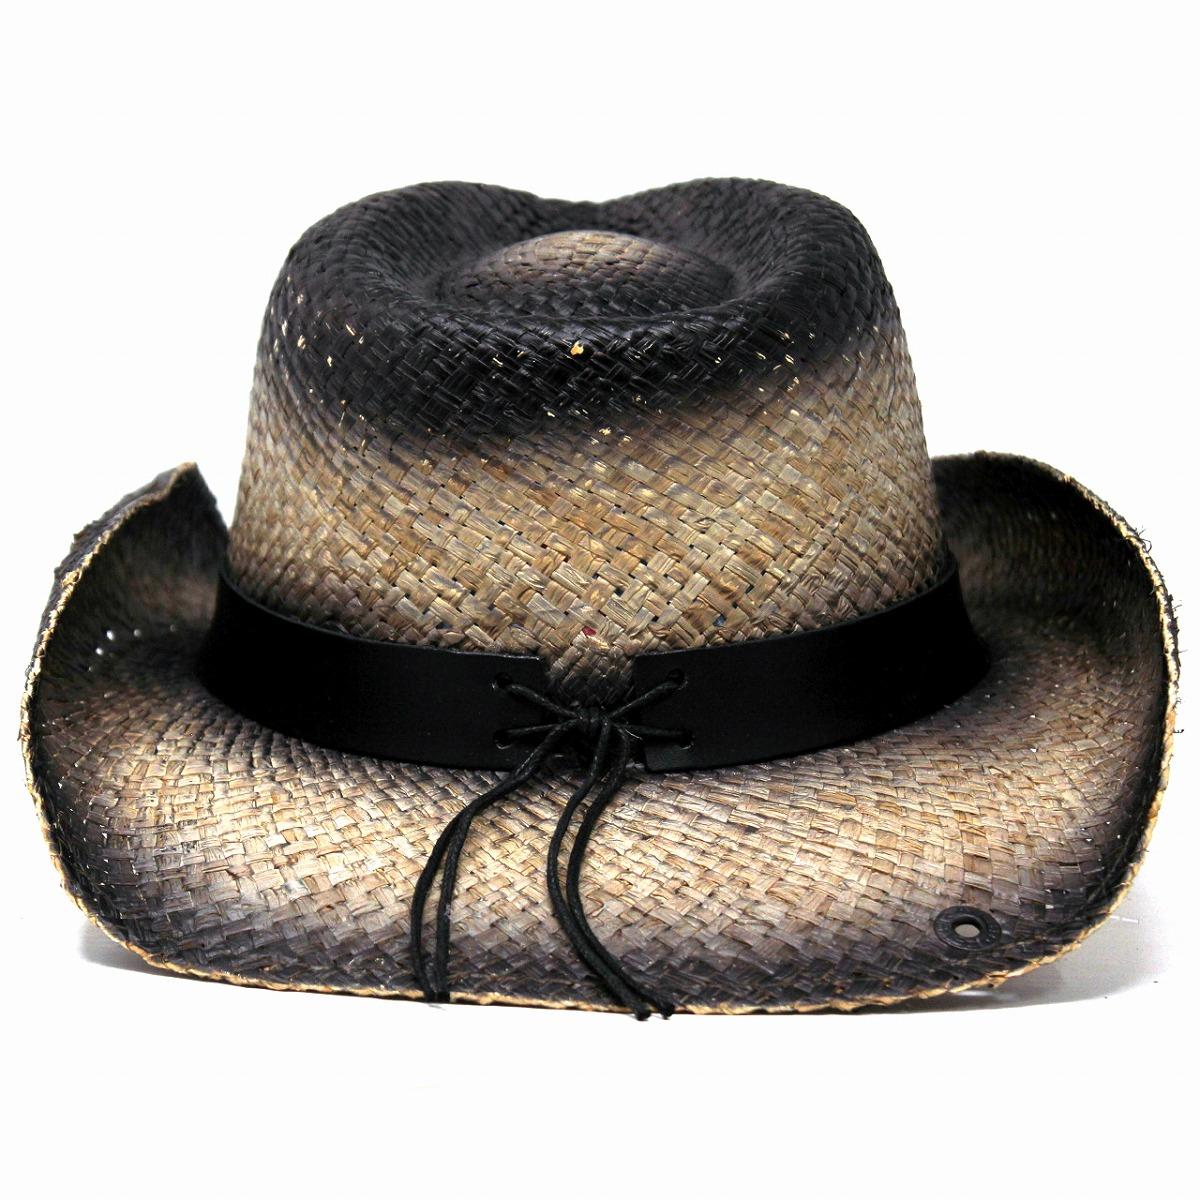 046014412fc ... Cowboy hat raffia men Peter Grimm straw hat hat Star-Spangled Banner  eagle hawk eagle ...